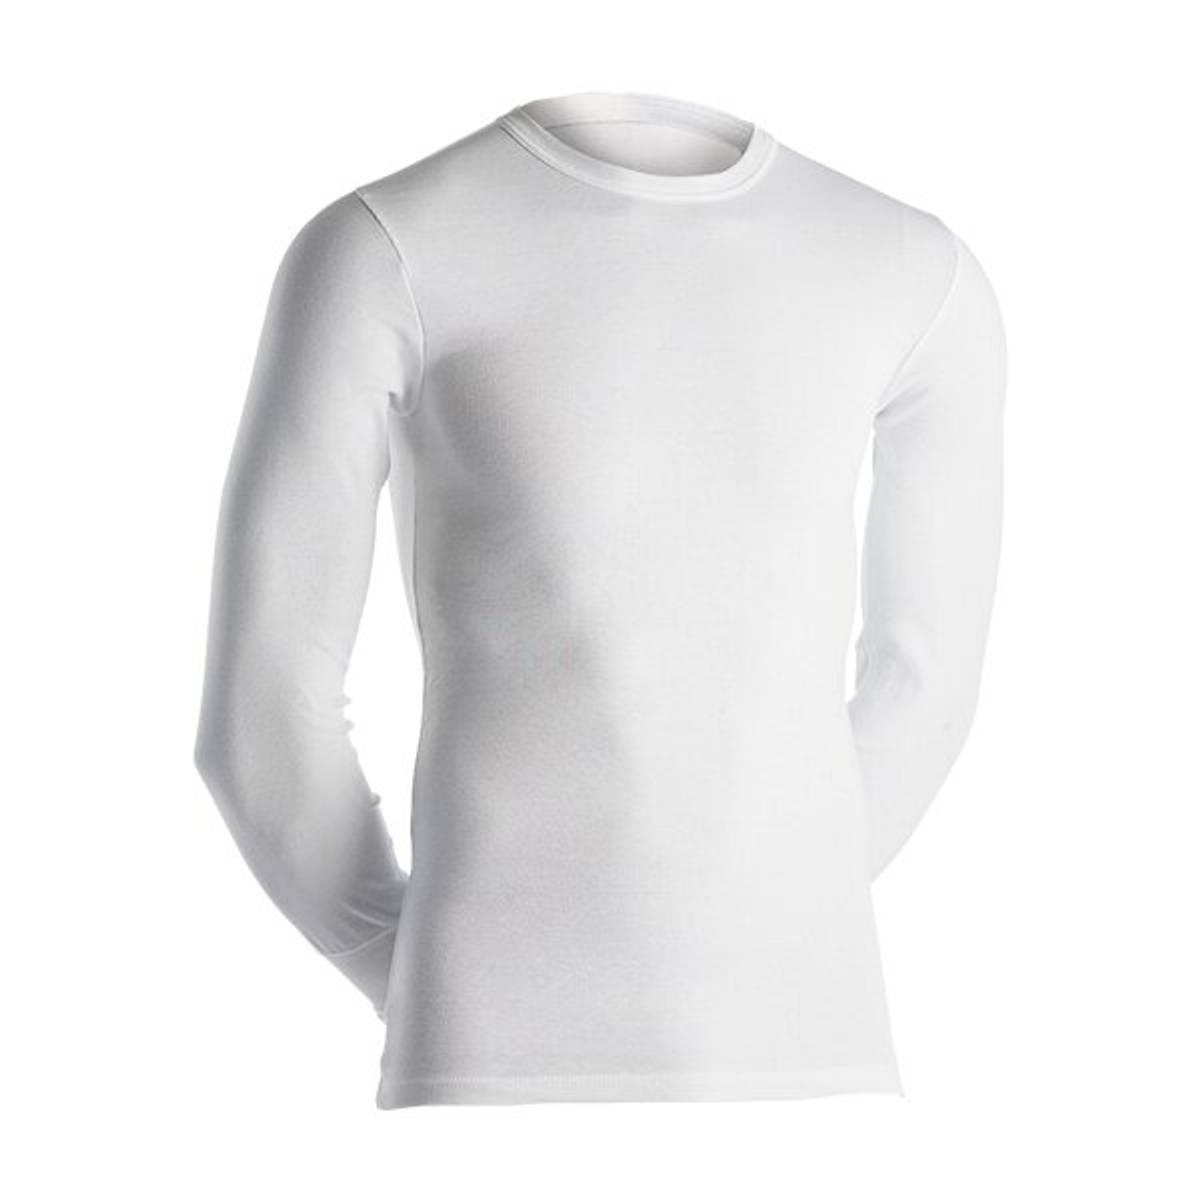 Dovre hvit t-skjorte m/lang erm